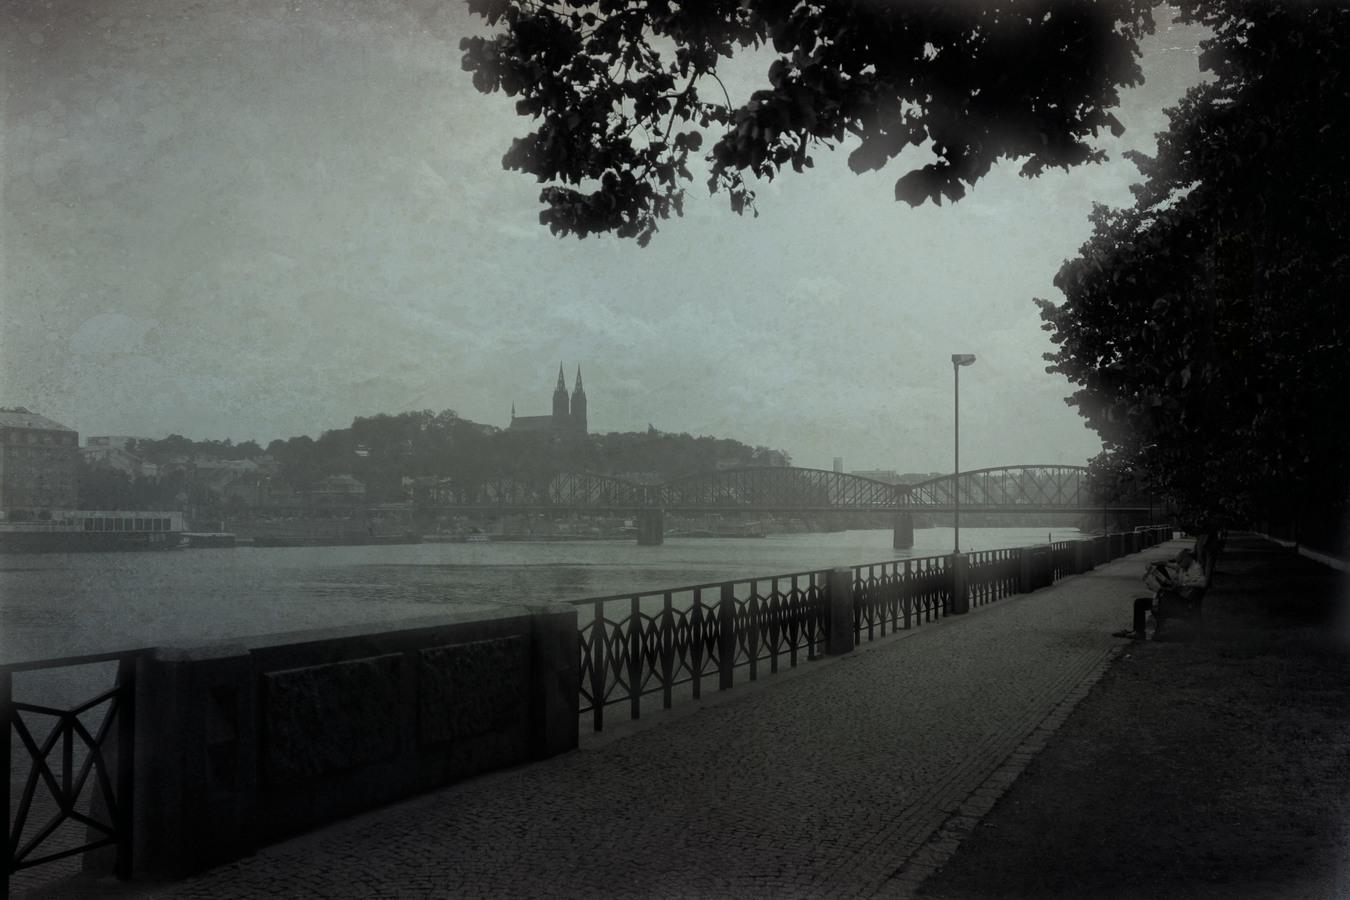 procházka podel Vltavy